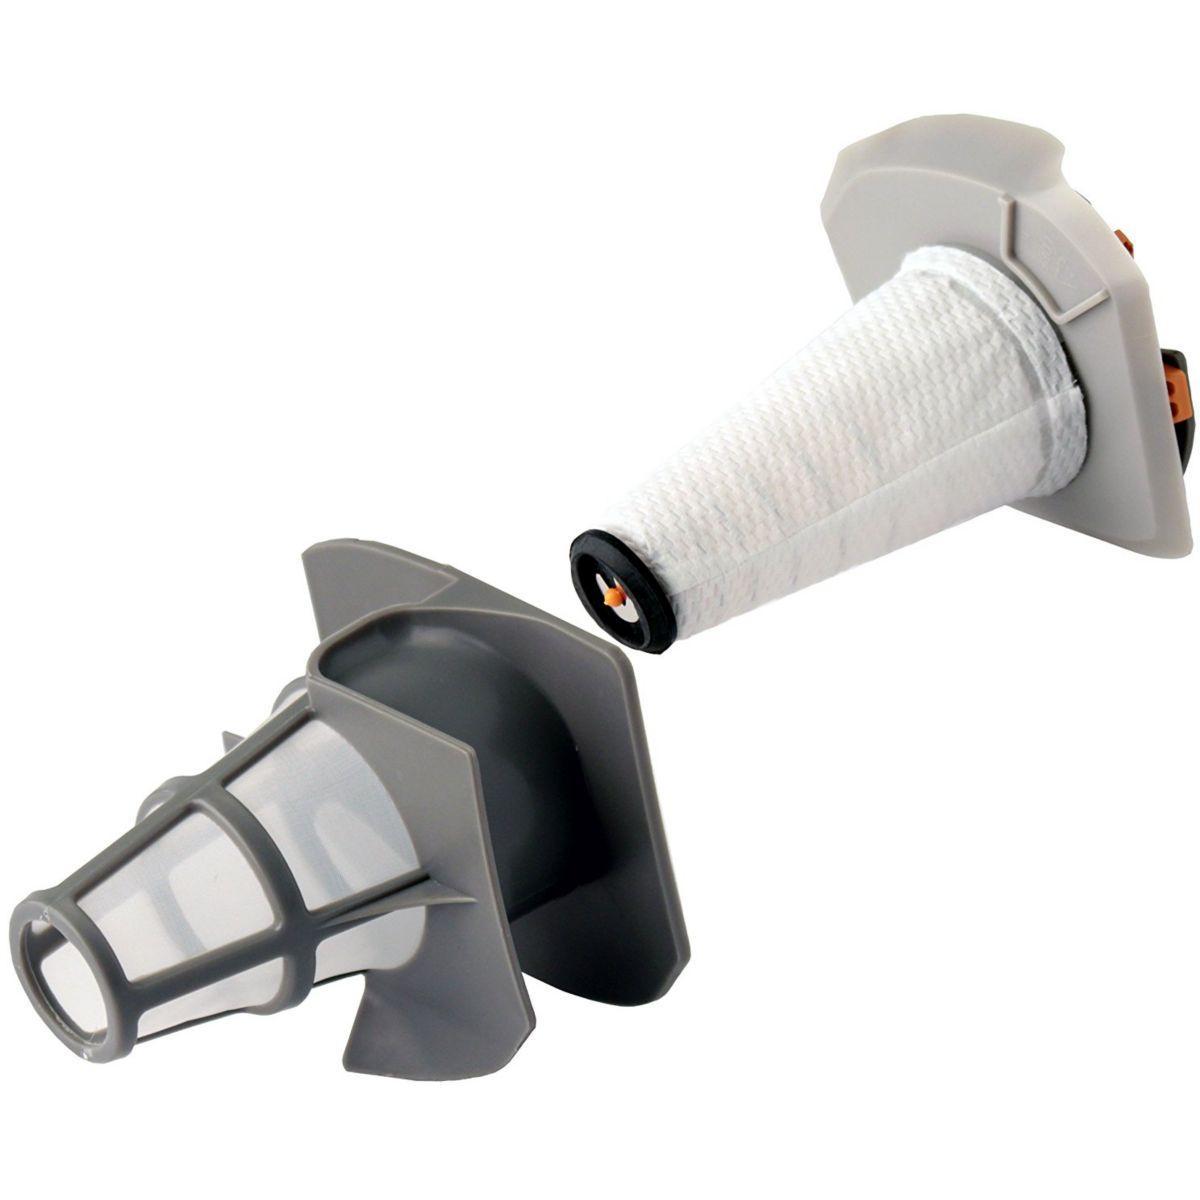 Filtre electrolux ef141 filtre moteur et protecteur nylon - 20% de remise imm�diate avec